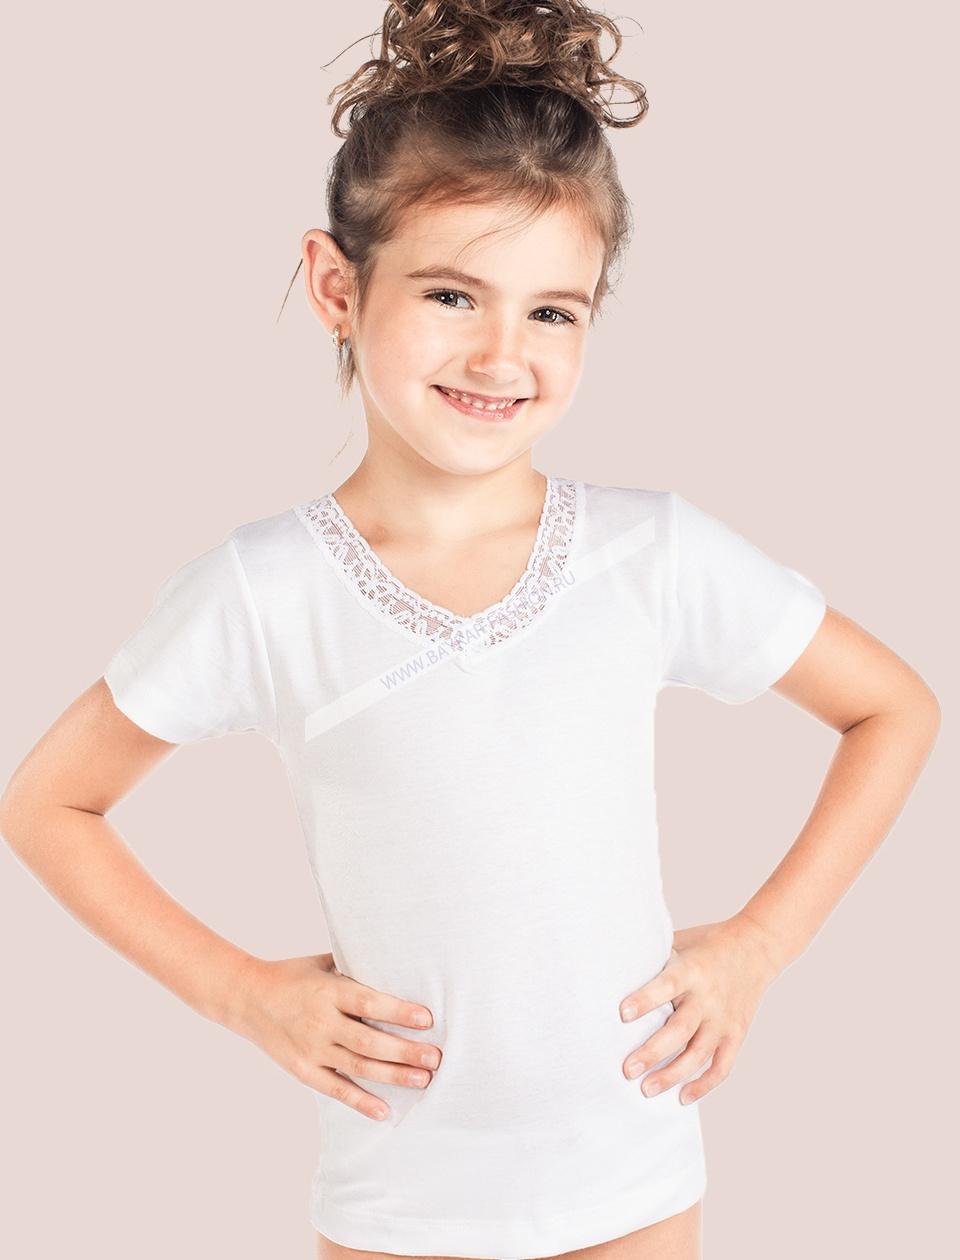 Сбор заказов. Детское белье Baykar-2. Майки, трусы, бюстье, футболки, пижамы, колготки, носки. Большой ассортимент